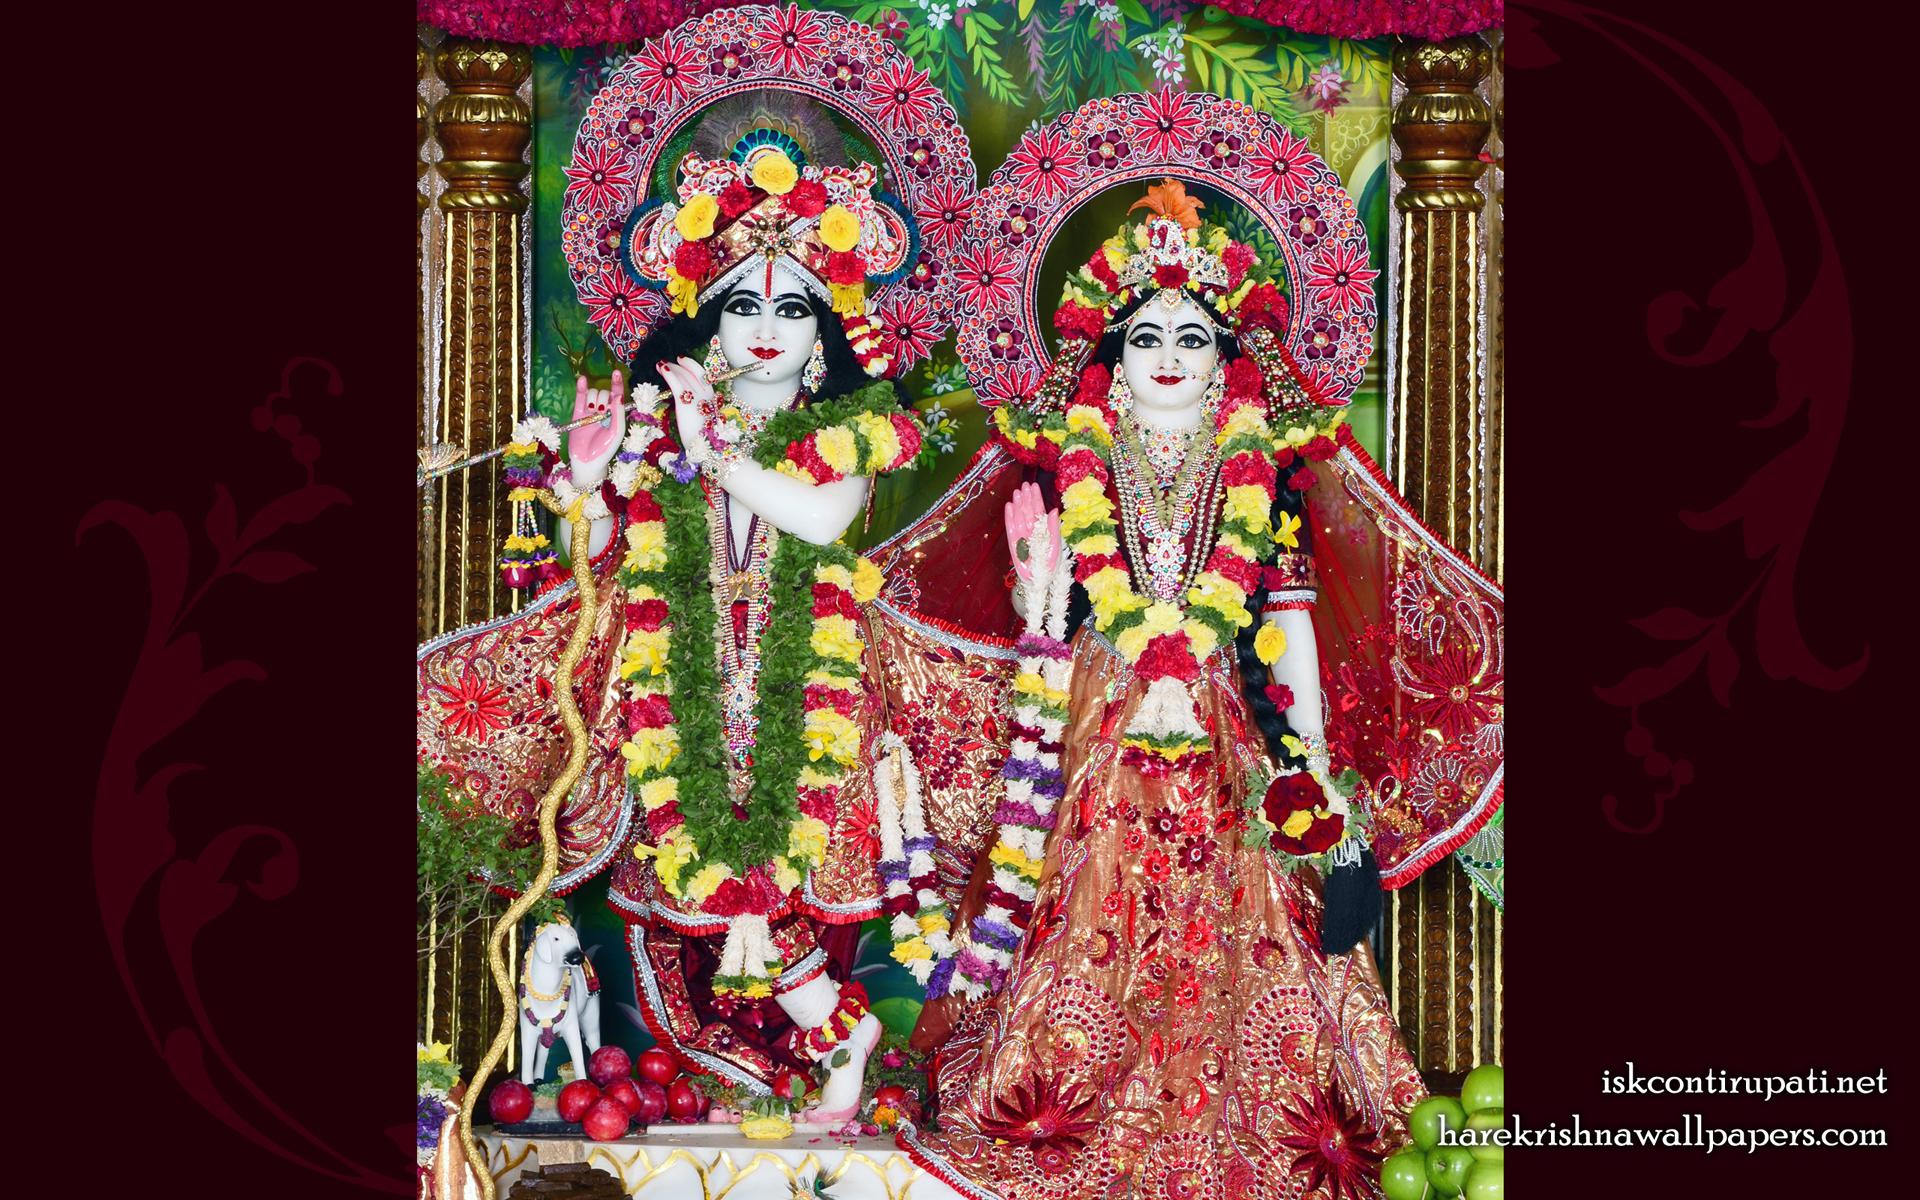 Sri Sri Radha Govinda Wallpaper (010) Size 1920x1200 Download